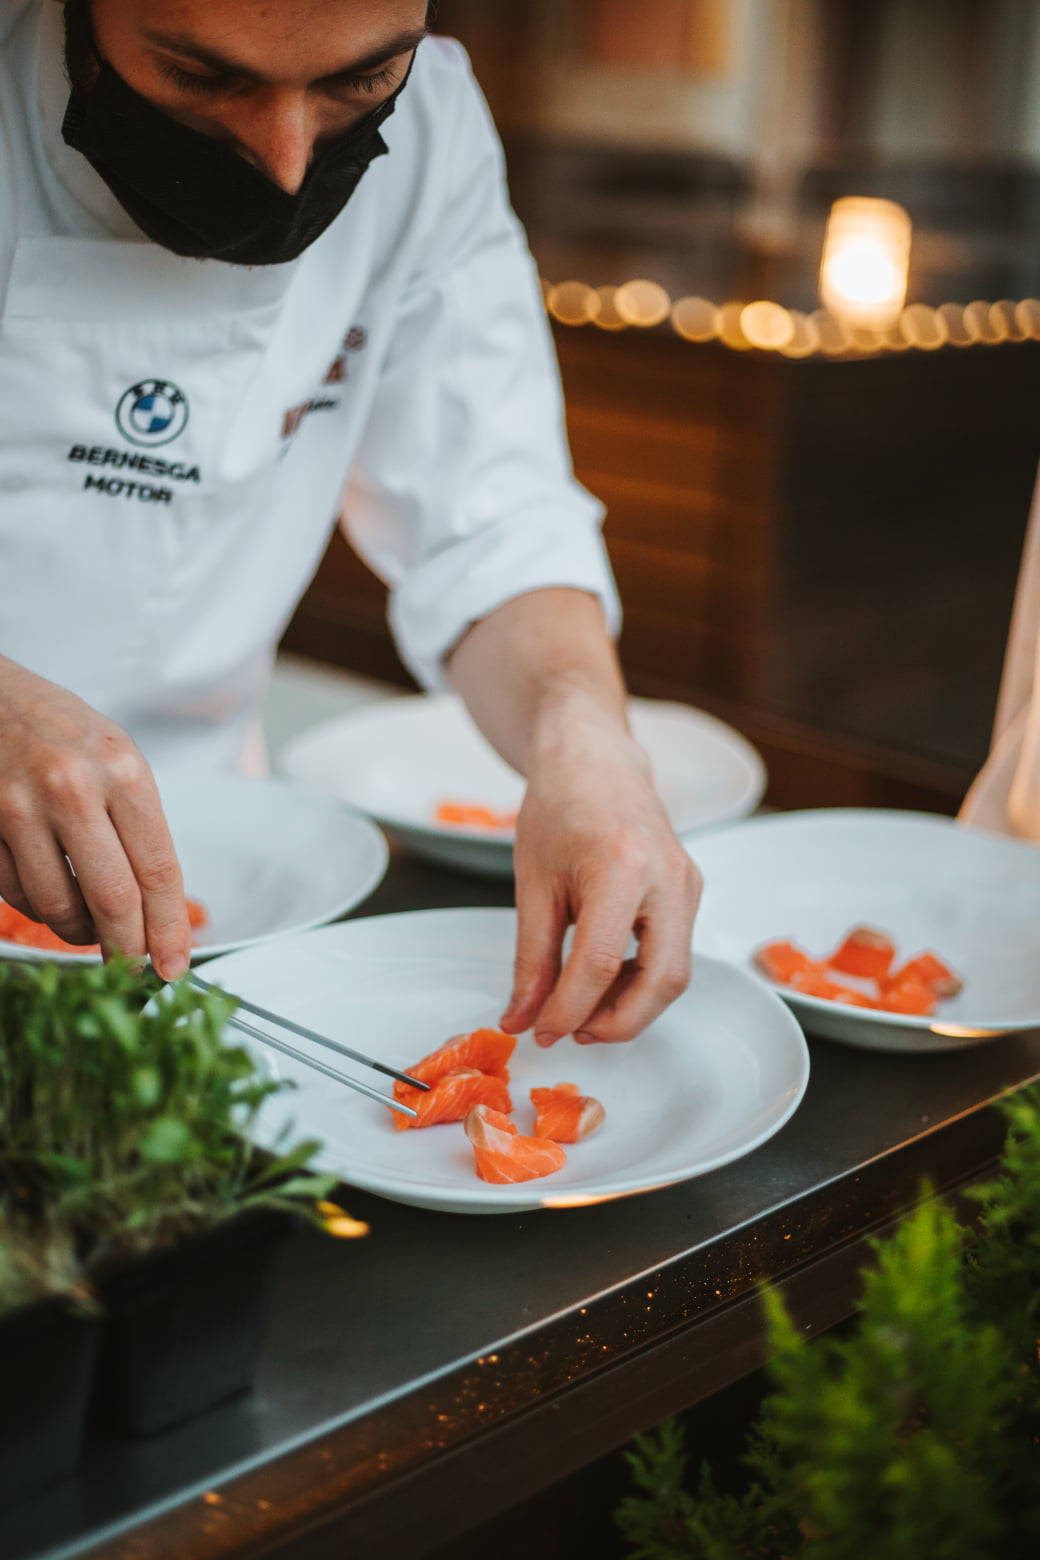 La noche de cocina Nikkei en el restaurante La Violeta, un evento culinario de primer nivel 33